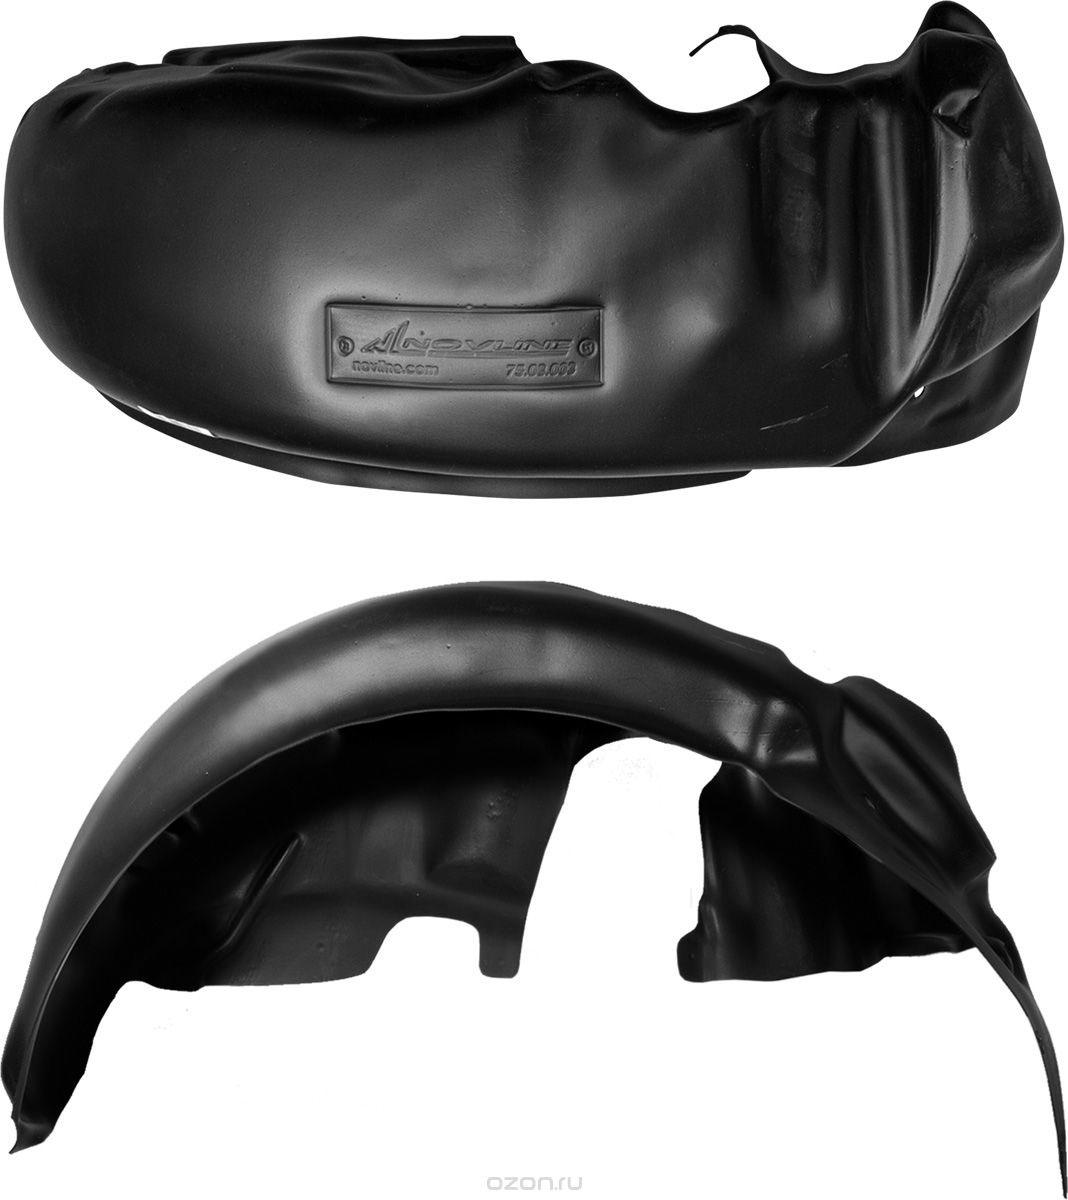 Подкрылок Novline-Autofamily, для Nissan Pathfinder, 2014->, задний правыйNLL.36.51.004Идеальная защита колесной ниши. Локеры разработаны с применением цифровых технологий, гарантируют максимальную повторяемость поверхности арки. Изделия устанавливаются без нарушения лакокрасочного покрытия автомобиля, каждый подкрылок комплектуется крепежом. Уважаемые клиенты, обращаем ваше внимание, что фотографии на подкрылки универсальные и не отражают реальную форму изделия. При этом само изделие идет точно под размер указанного автомобиля.